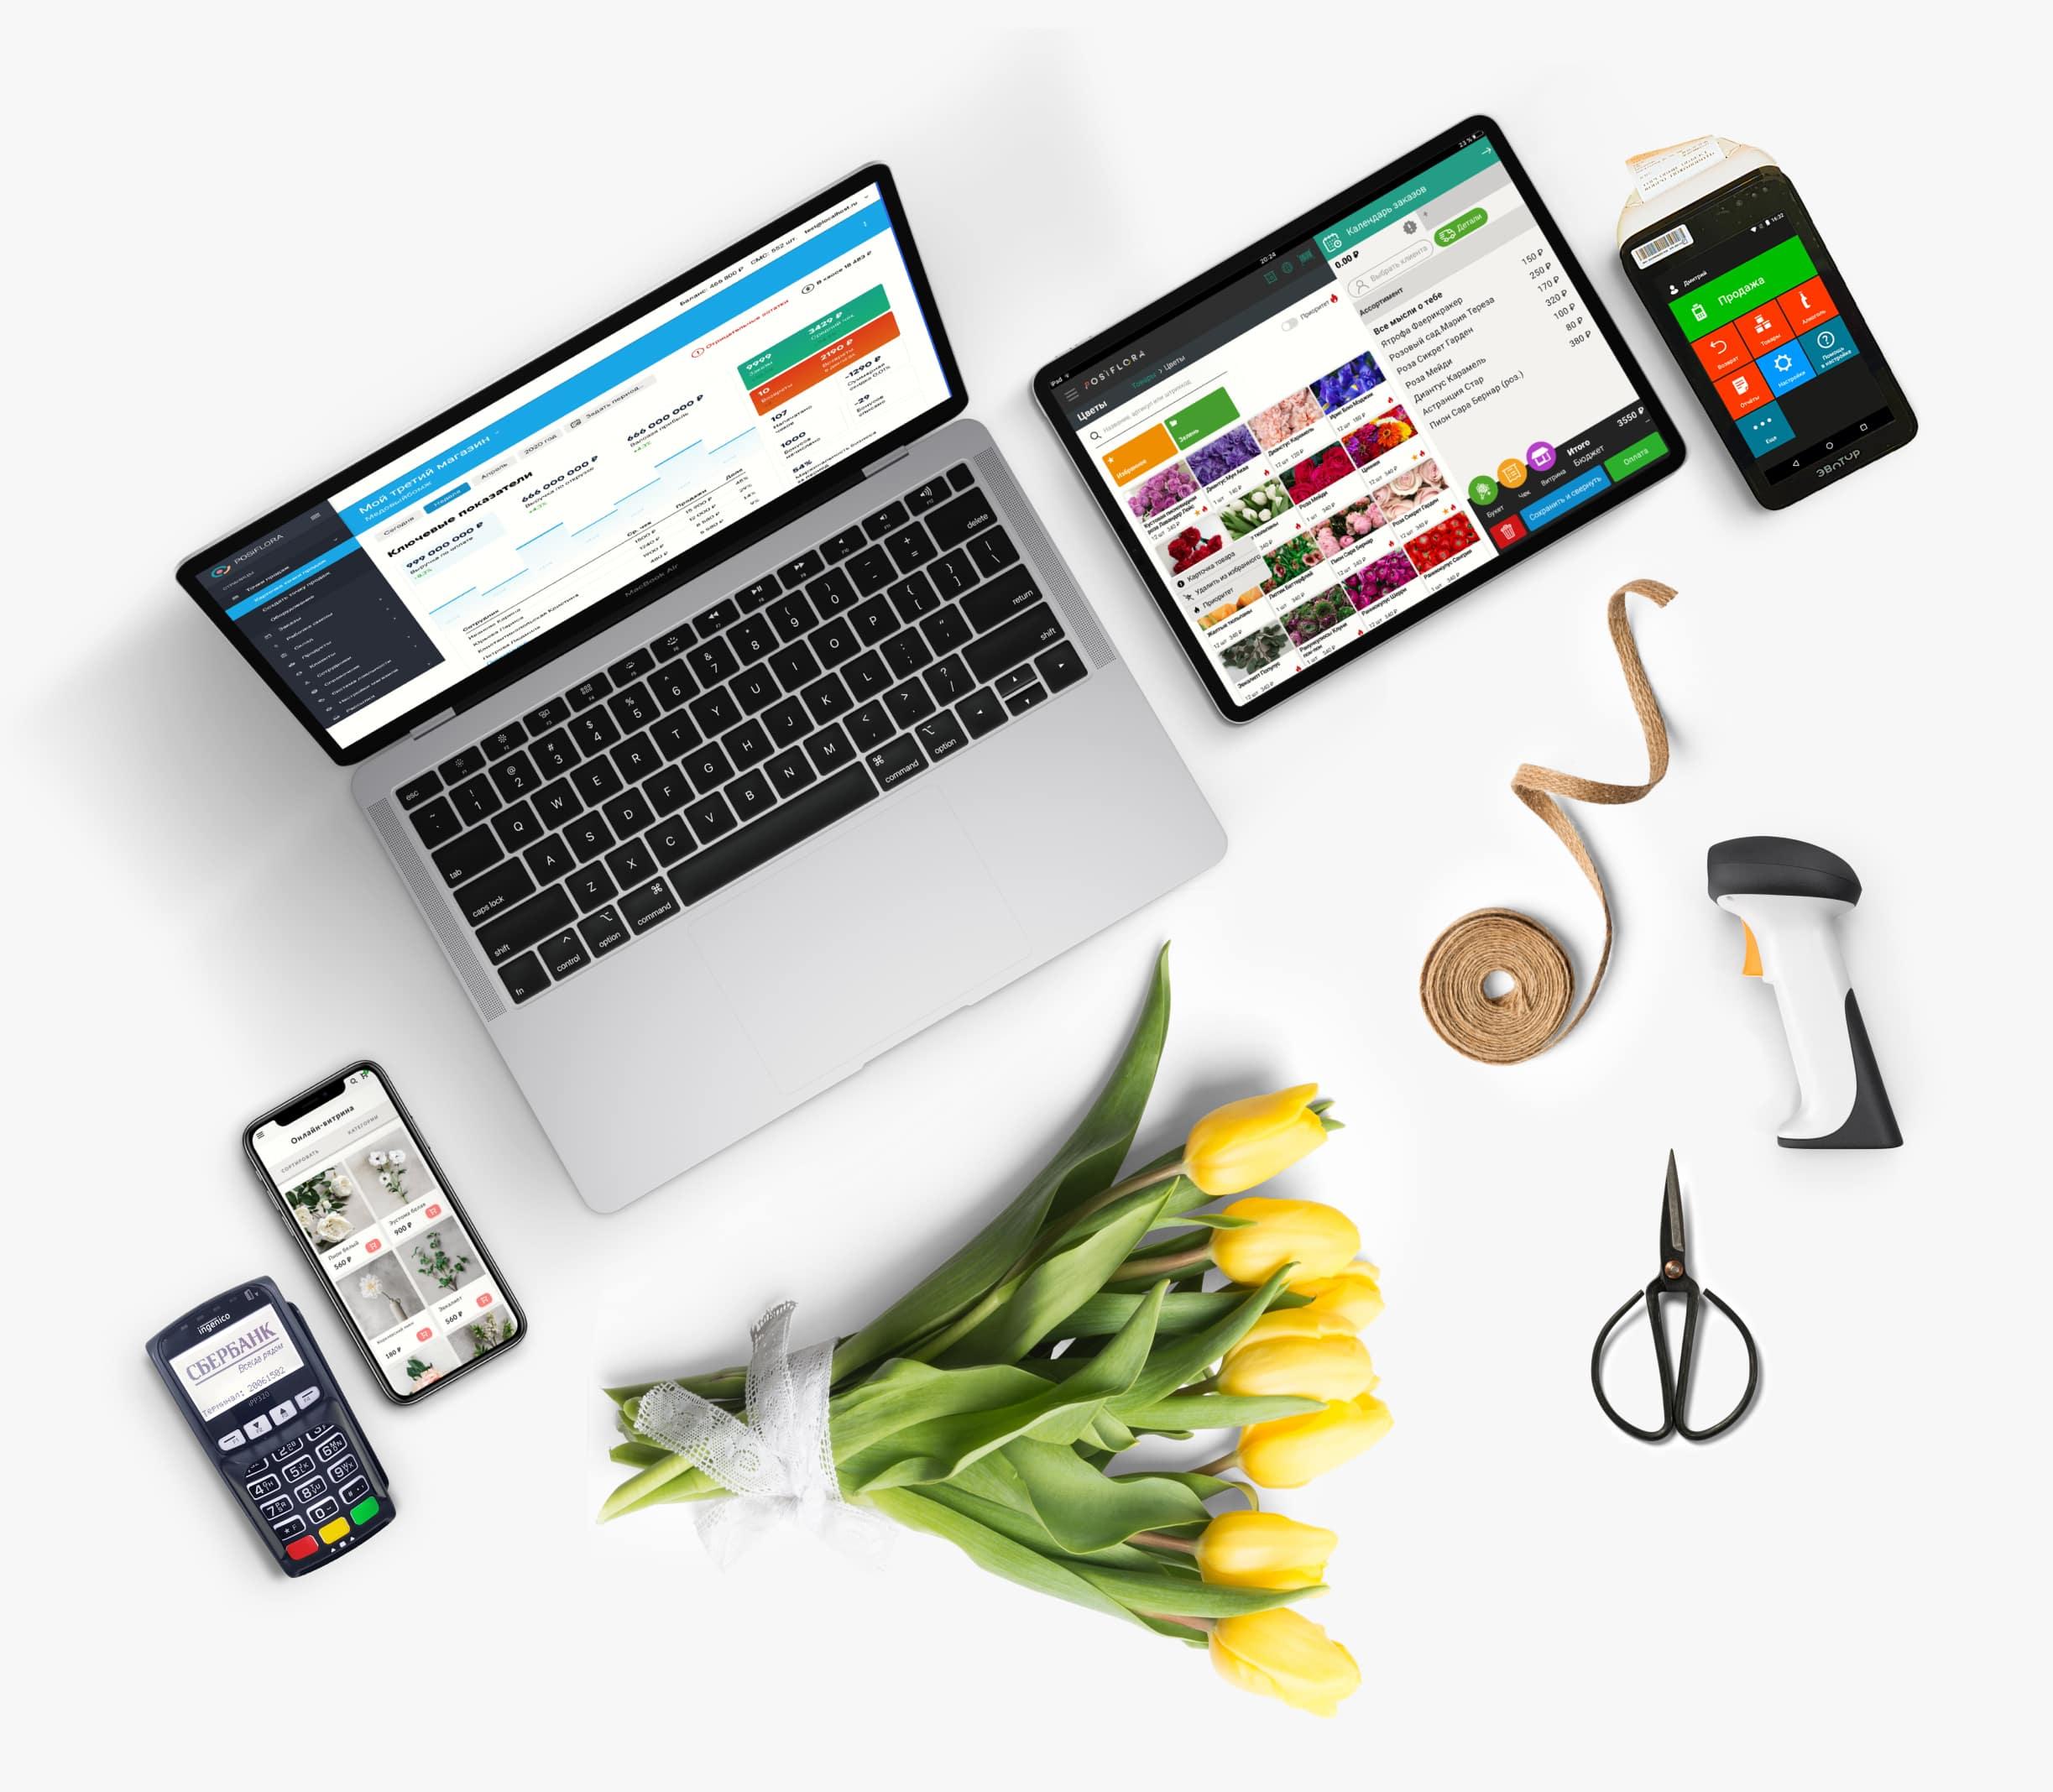 Коллаж из мобильных касс, букета желтых тюльпанов, ножниц, перевязочной ленты, мобильного телефона, планшета и ноутбука с интерфейсом Посифлоры на экране